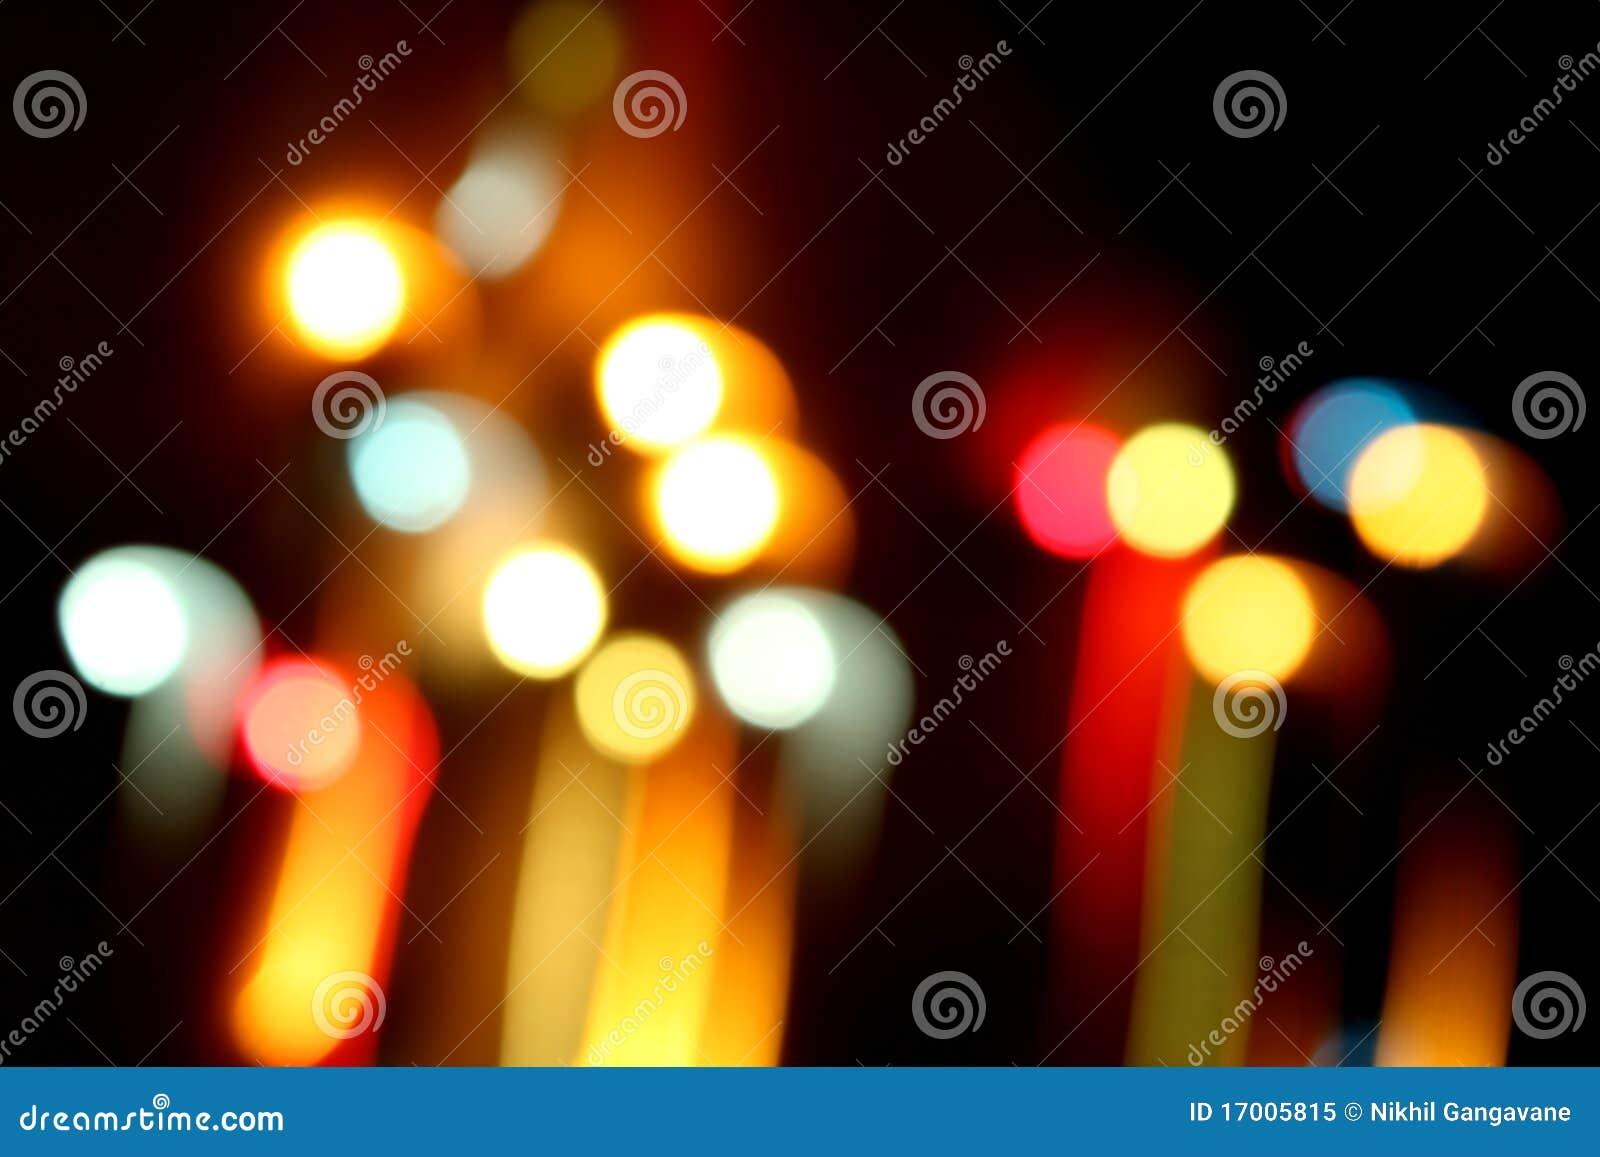 танцуя светлые штриховатости